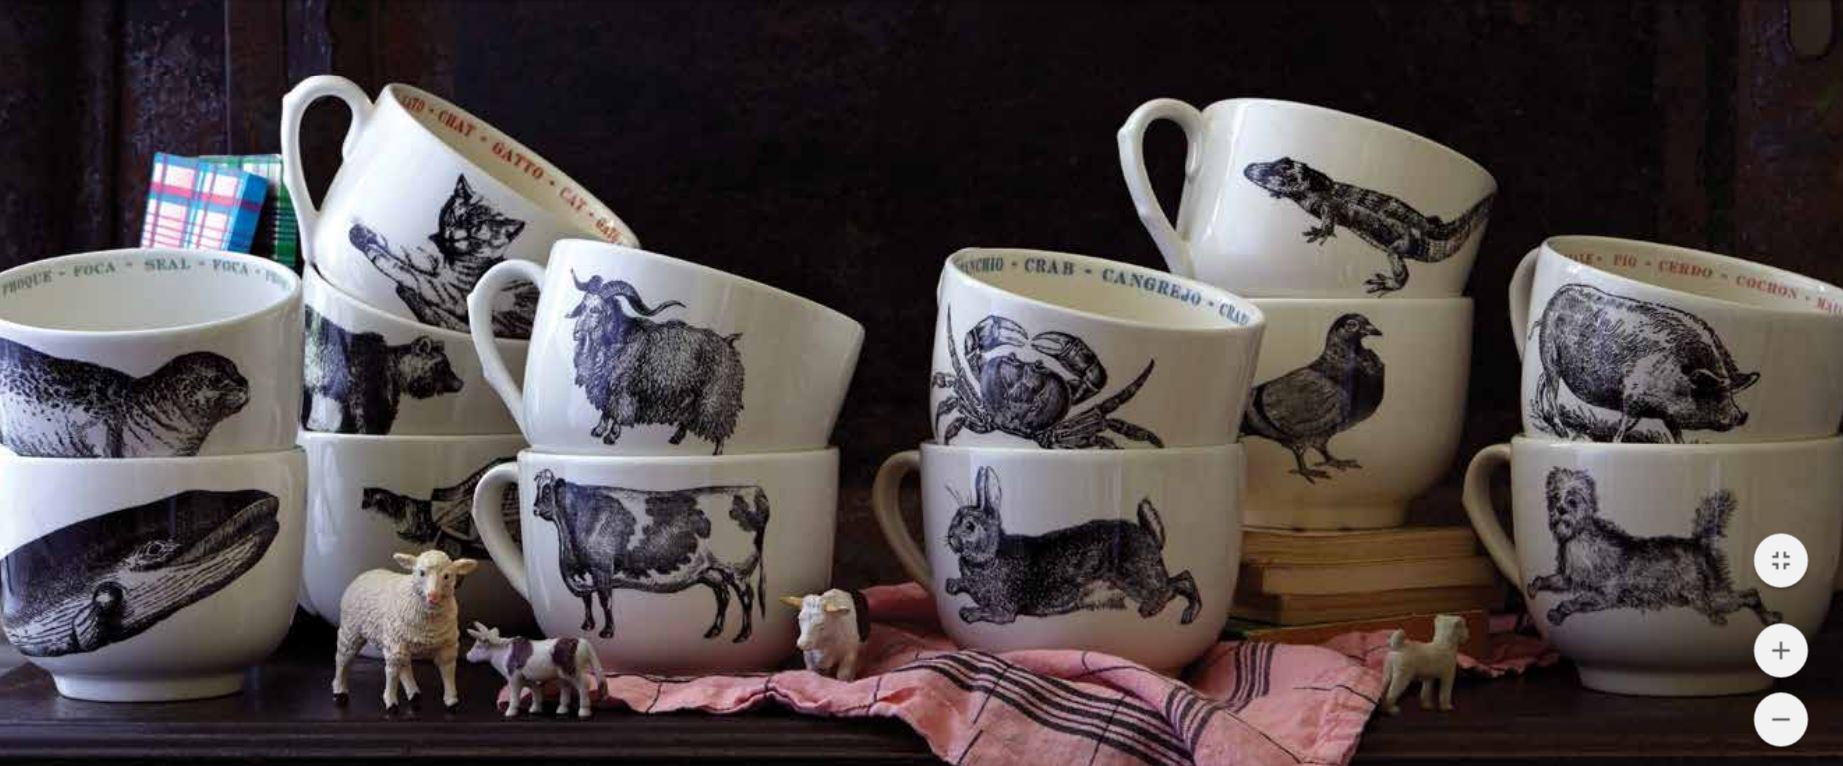 Fauna mugs.JPG